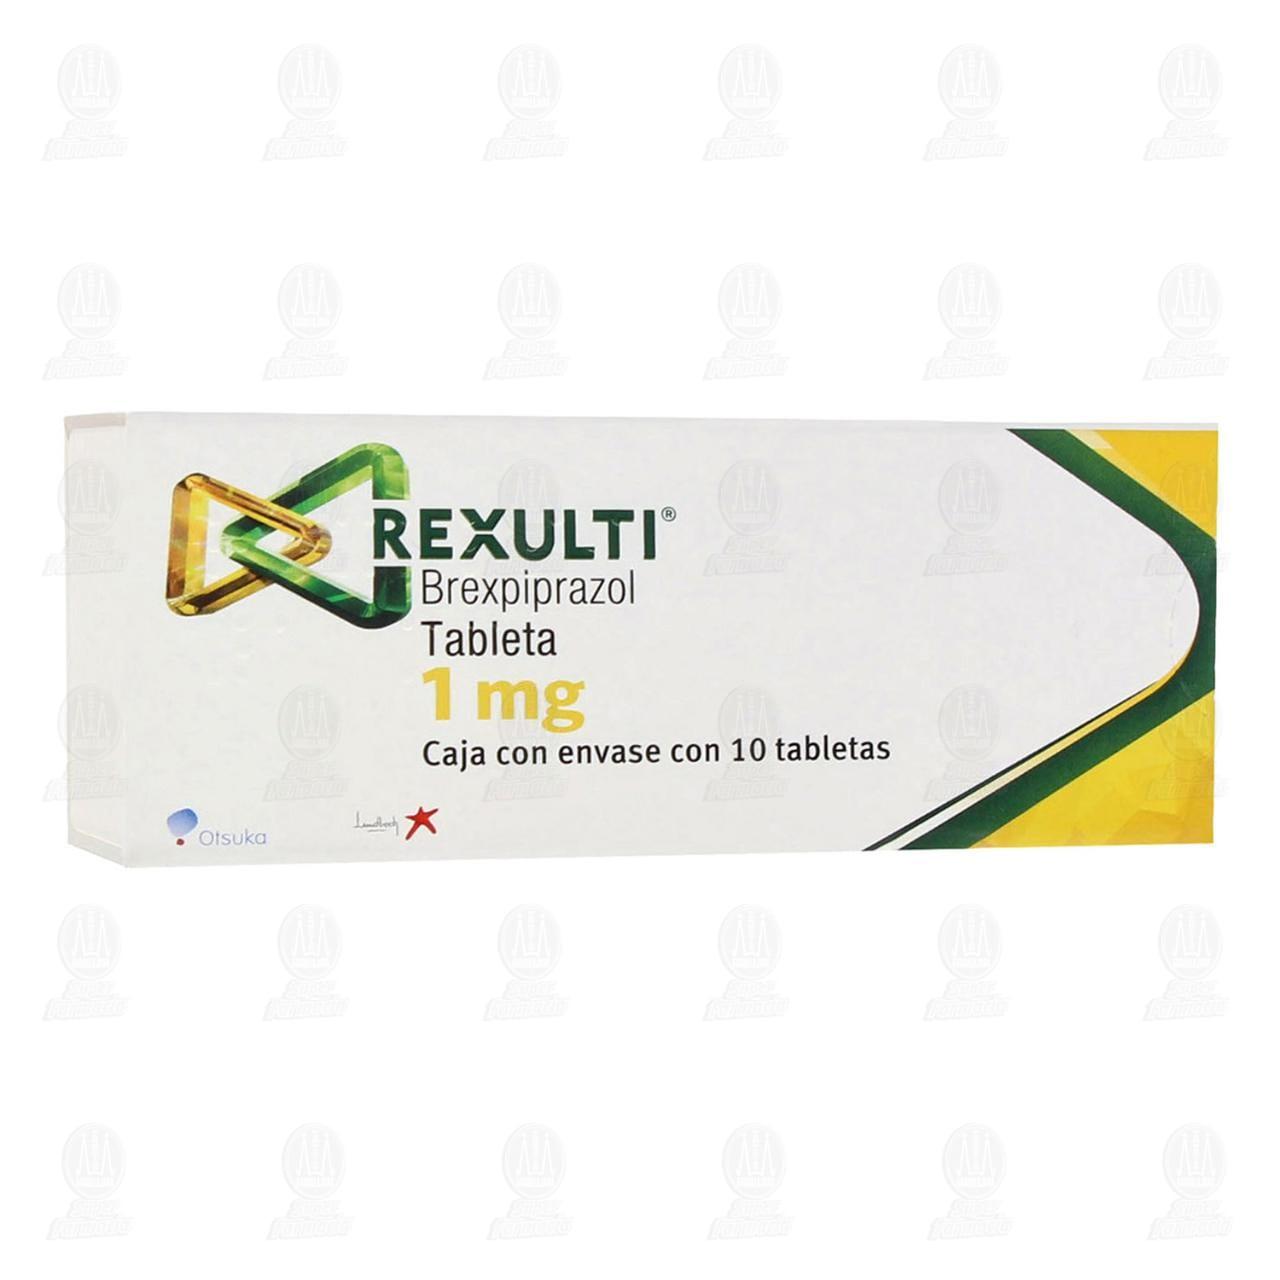 Comprar Rexulti 1 mg 10 Tabletas en Farmacias Guadalajara